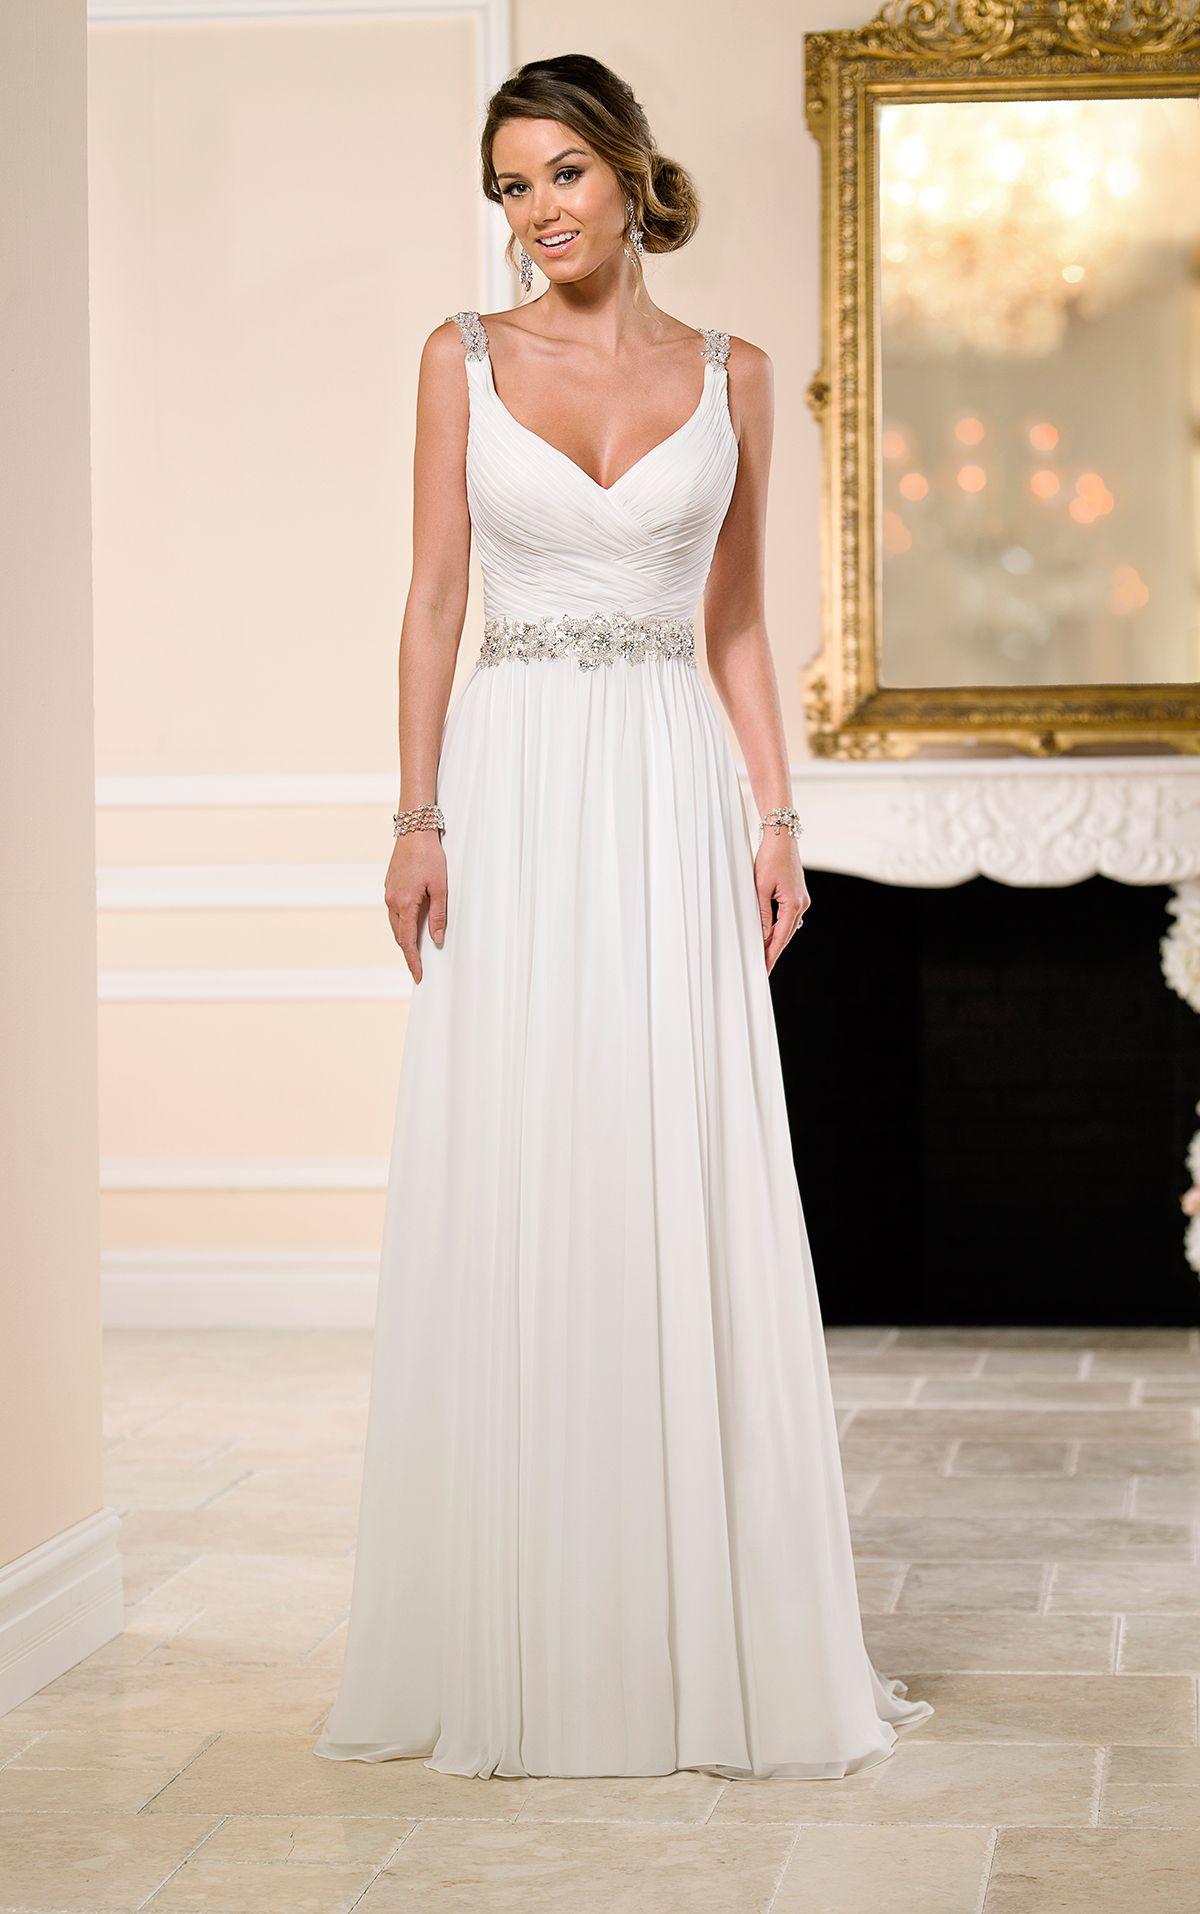 Flowy Grecian Bridal Gown with Sparkly Belt Wedding